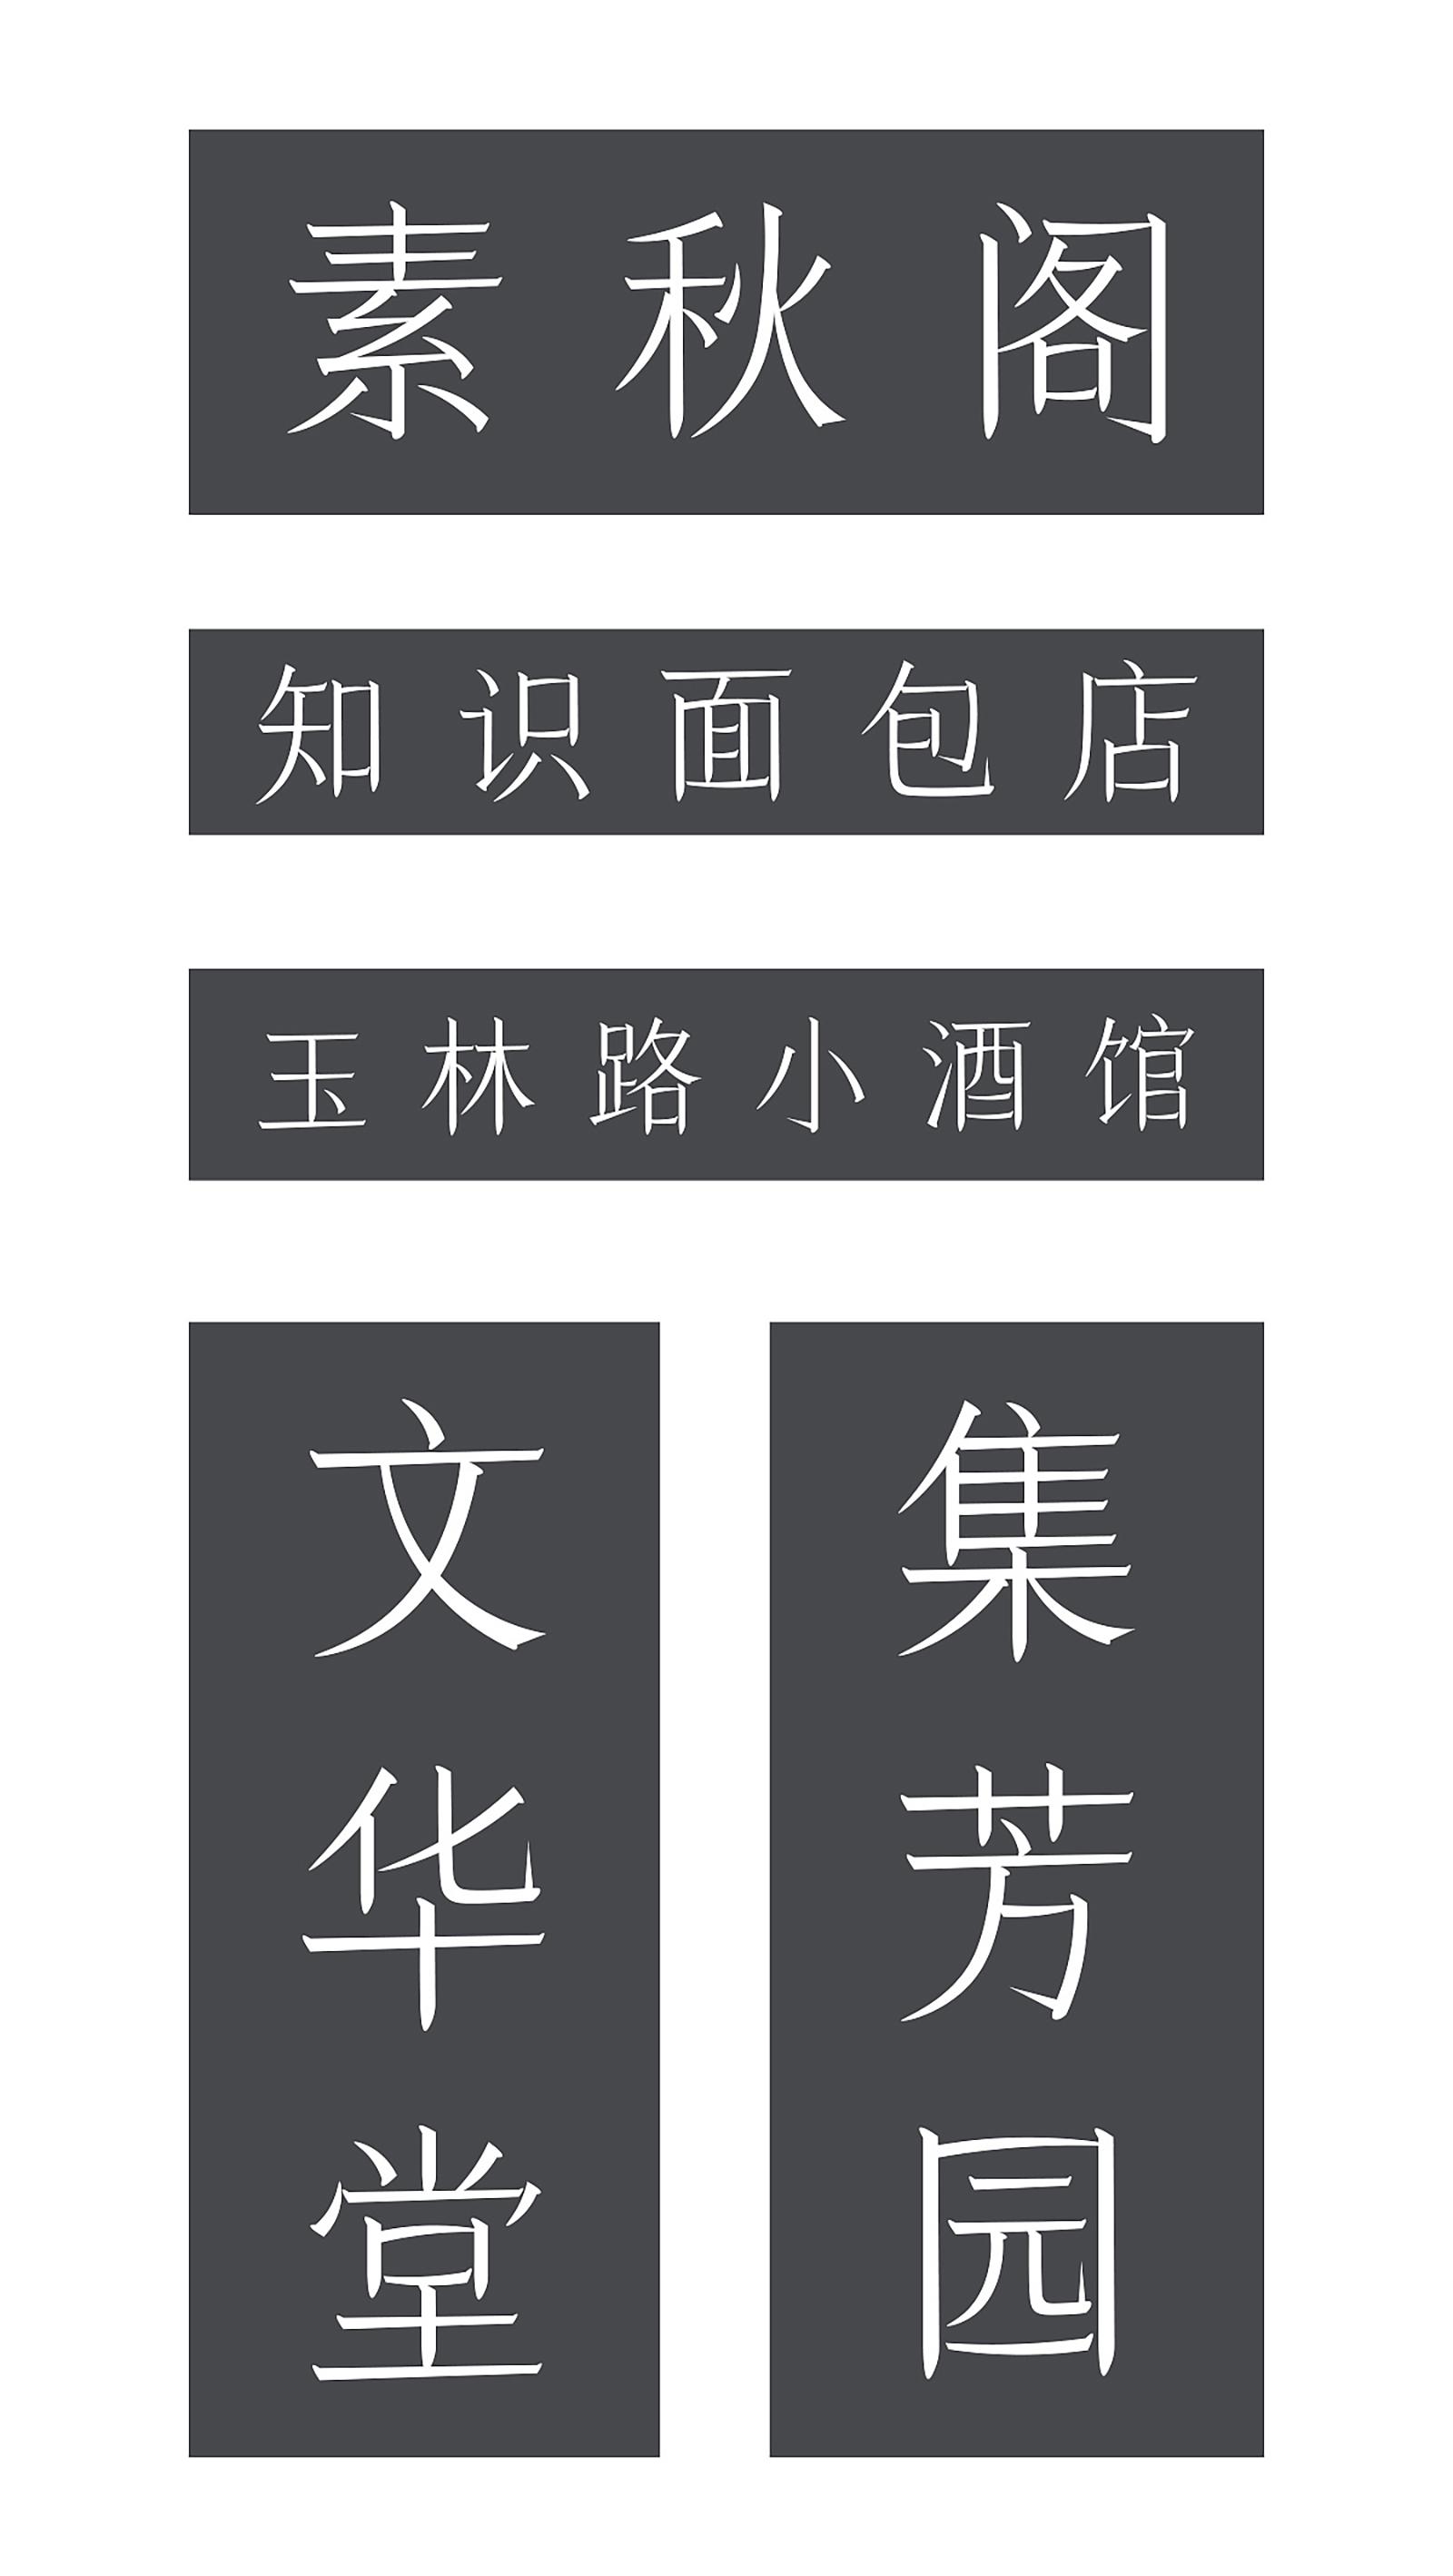 2019新字体:刘兵克春风体-深圳vi设计7